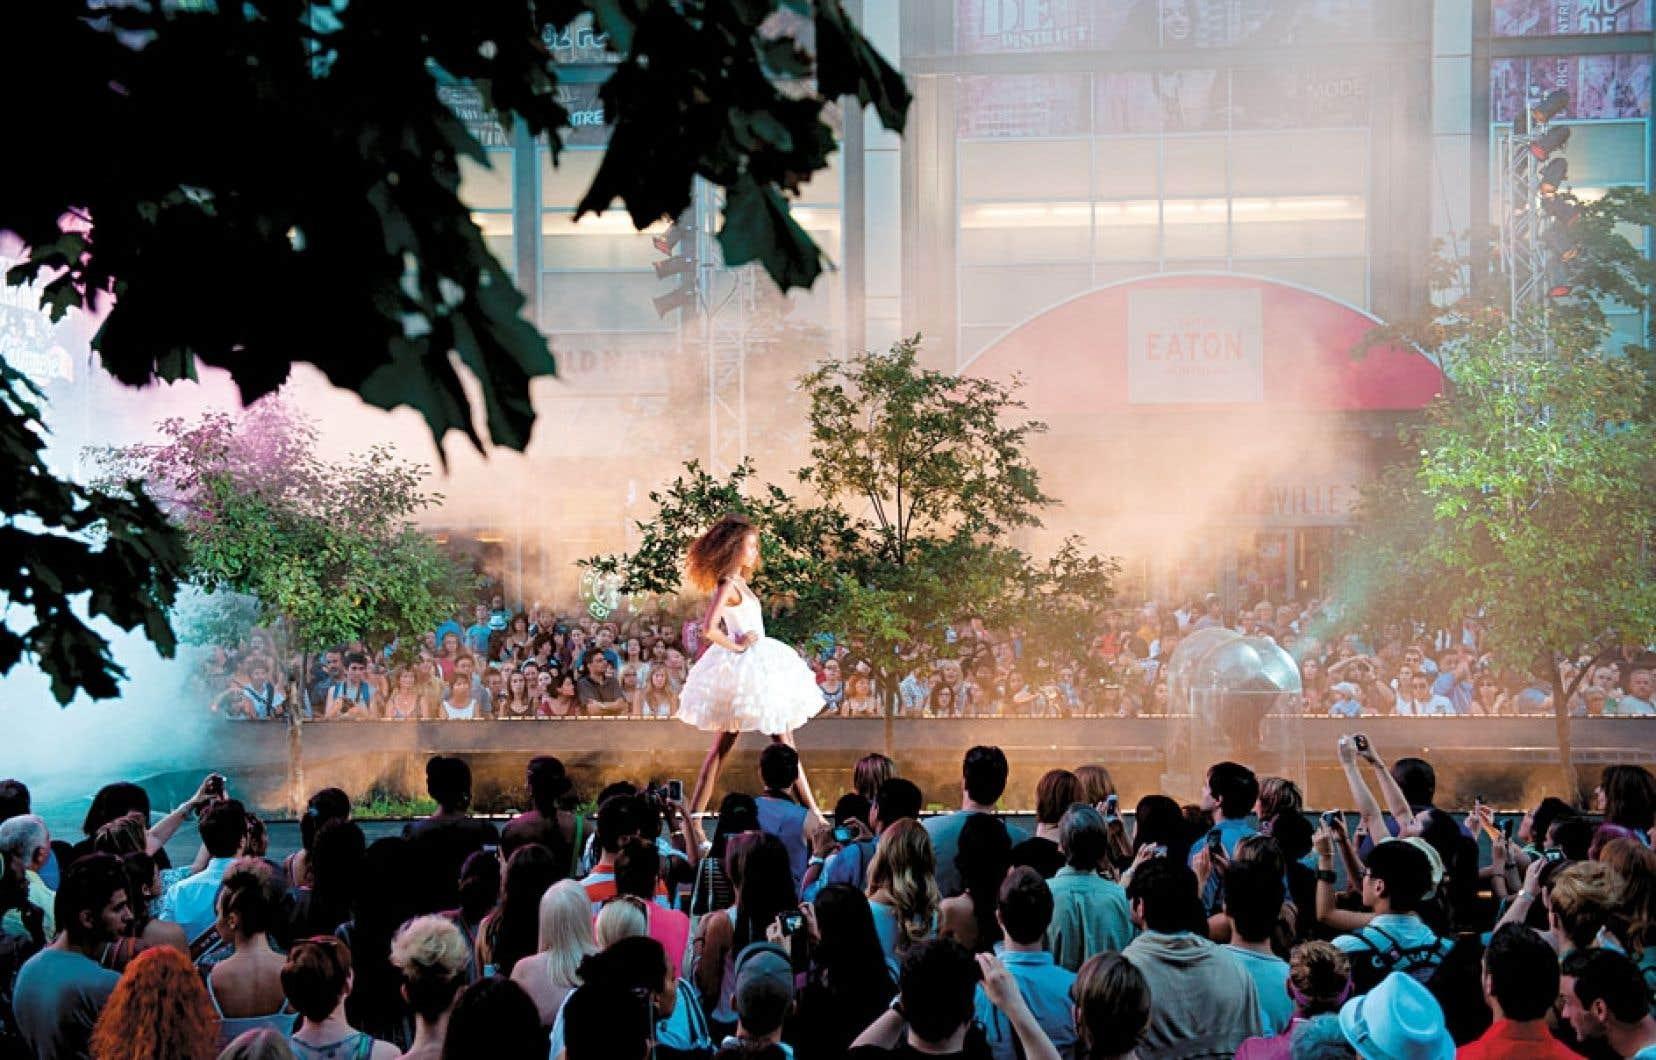 La 13e édition du Festival Mode & Design envahira l'avenue McGill du 31 juillet au 3 août prochain.